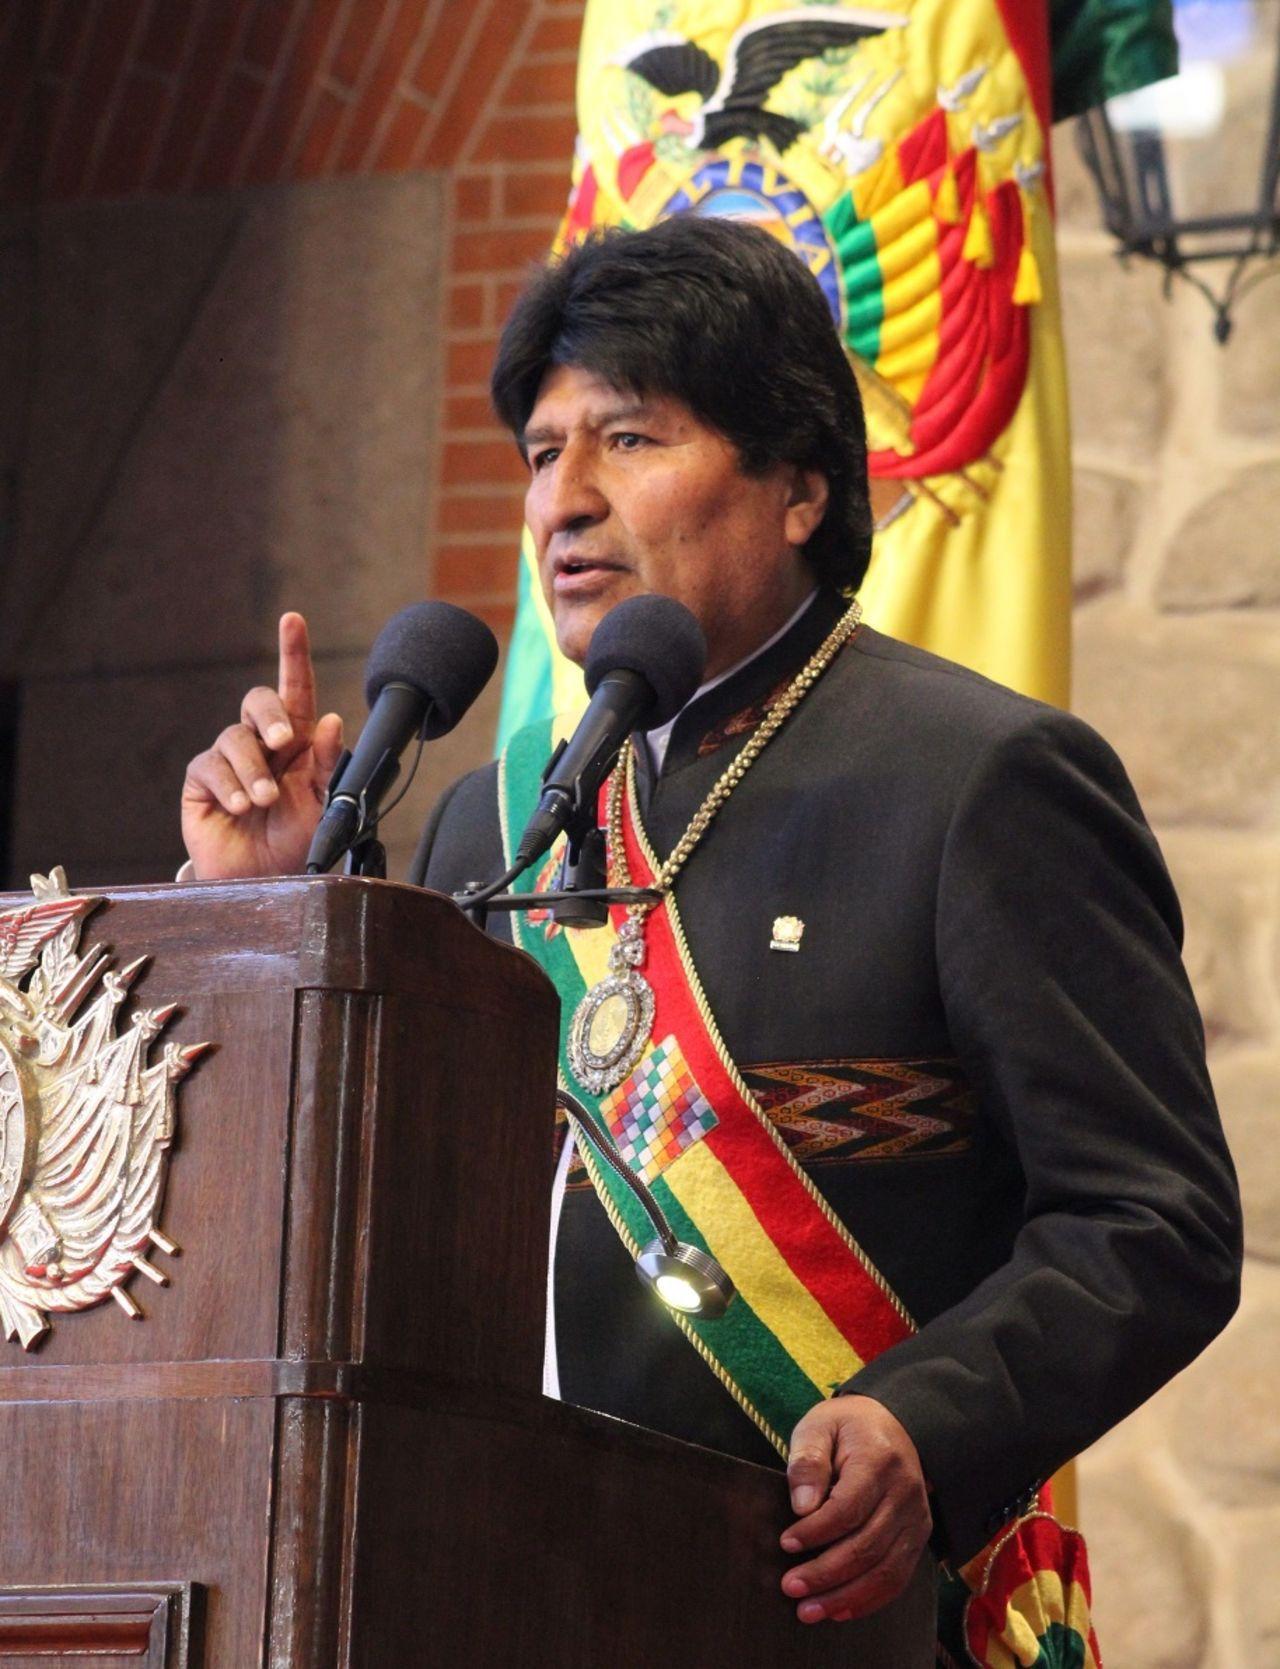 玻利維亞總統莫拉雷斯6日出席獨立紀念日活動時,佩戴總統勳章及綬帶。(法新社)